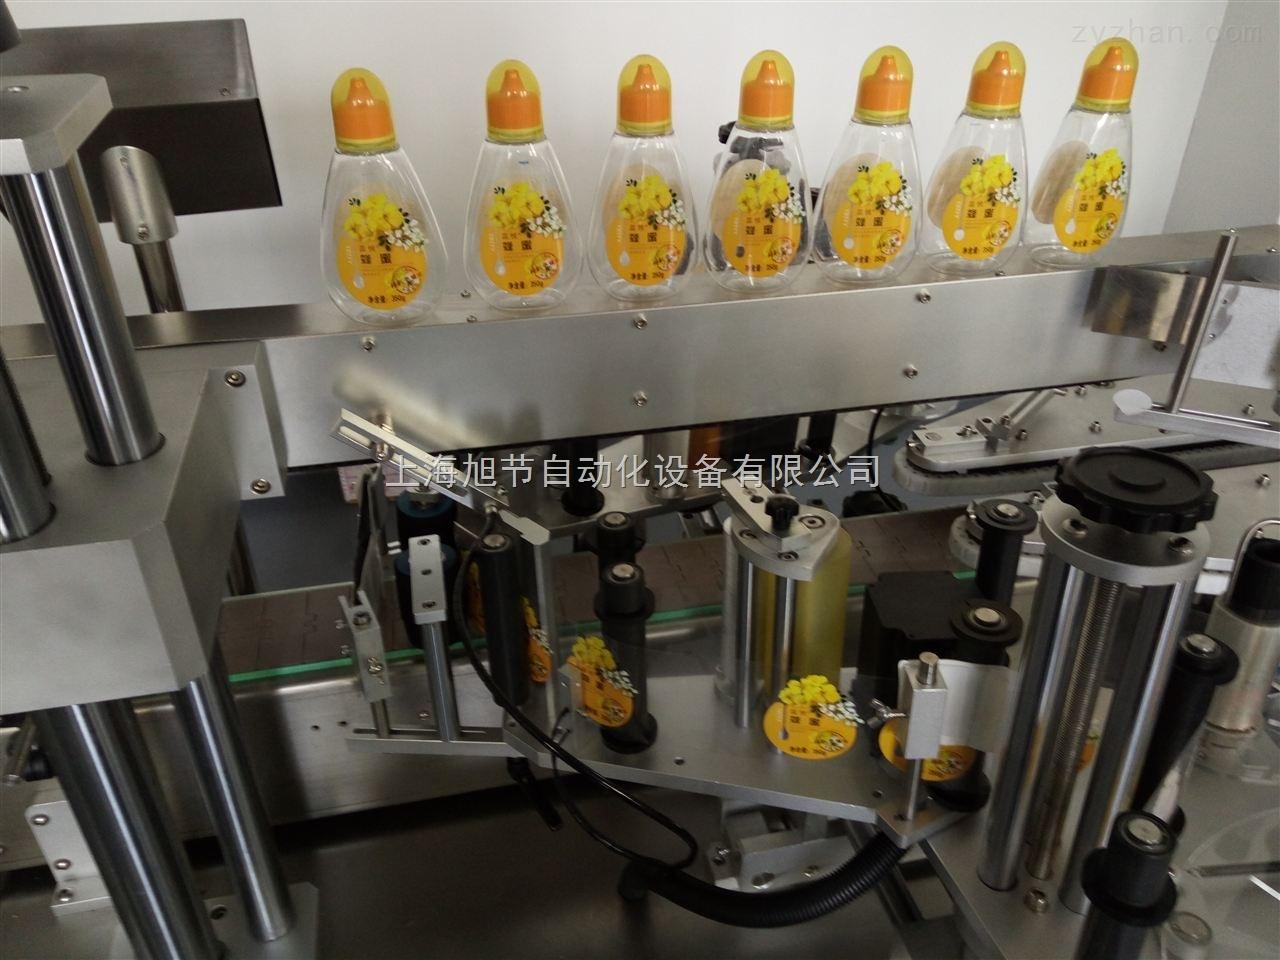 同仁堂蜂蜜瓶贴标机器